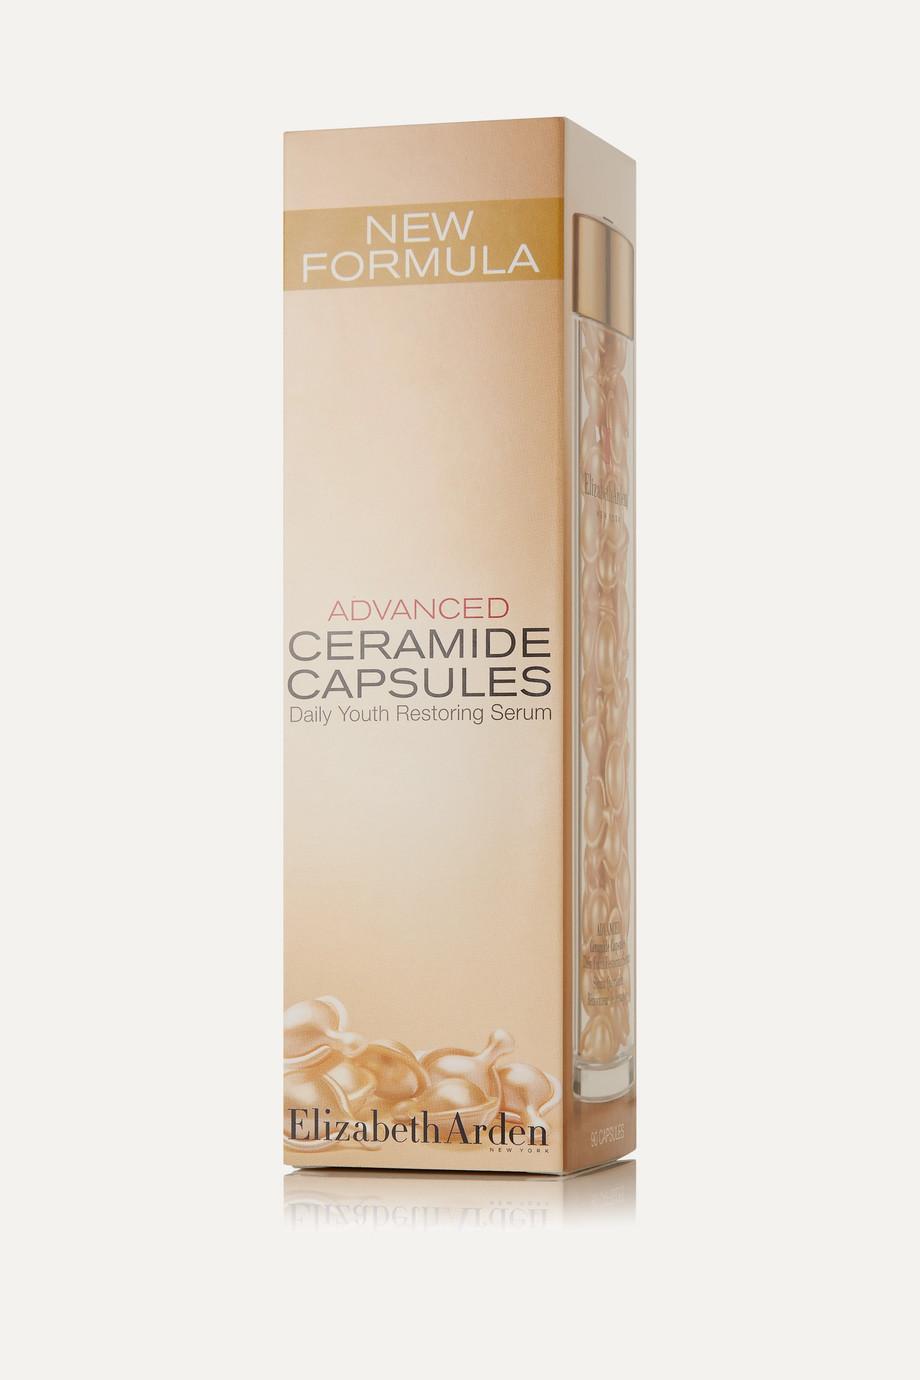 Elizabeth Arden Advanced Ceramide Capsules Daily Youth Restoring Serum (90 capsules)